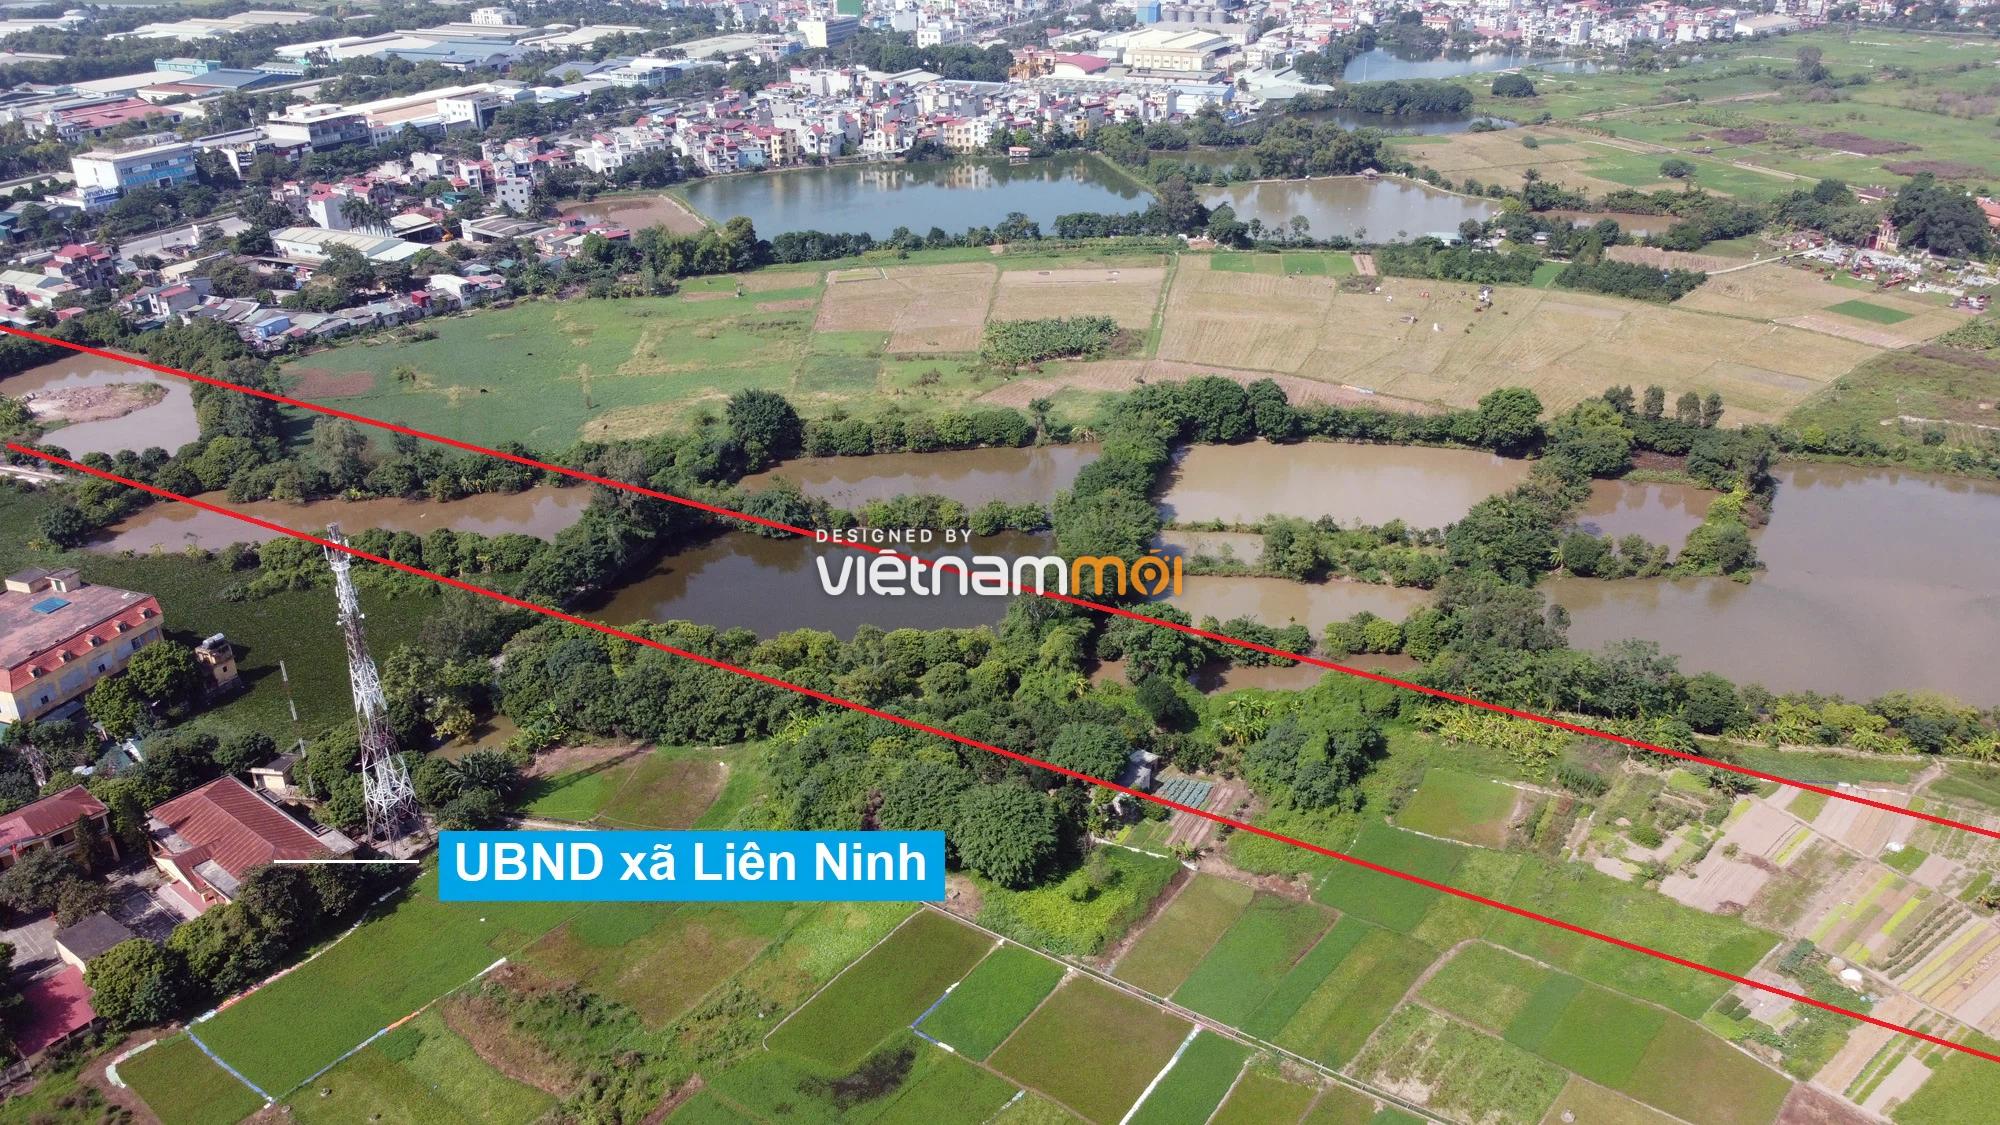 Những khu đất sắp thu hồi để mở đường ở xã Liên Ninh, Thanh Trì, Hà Nội (phần 1) - Ảnh 4.